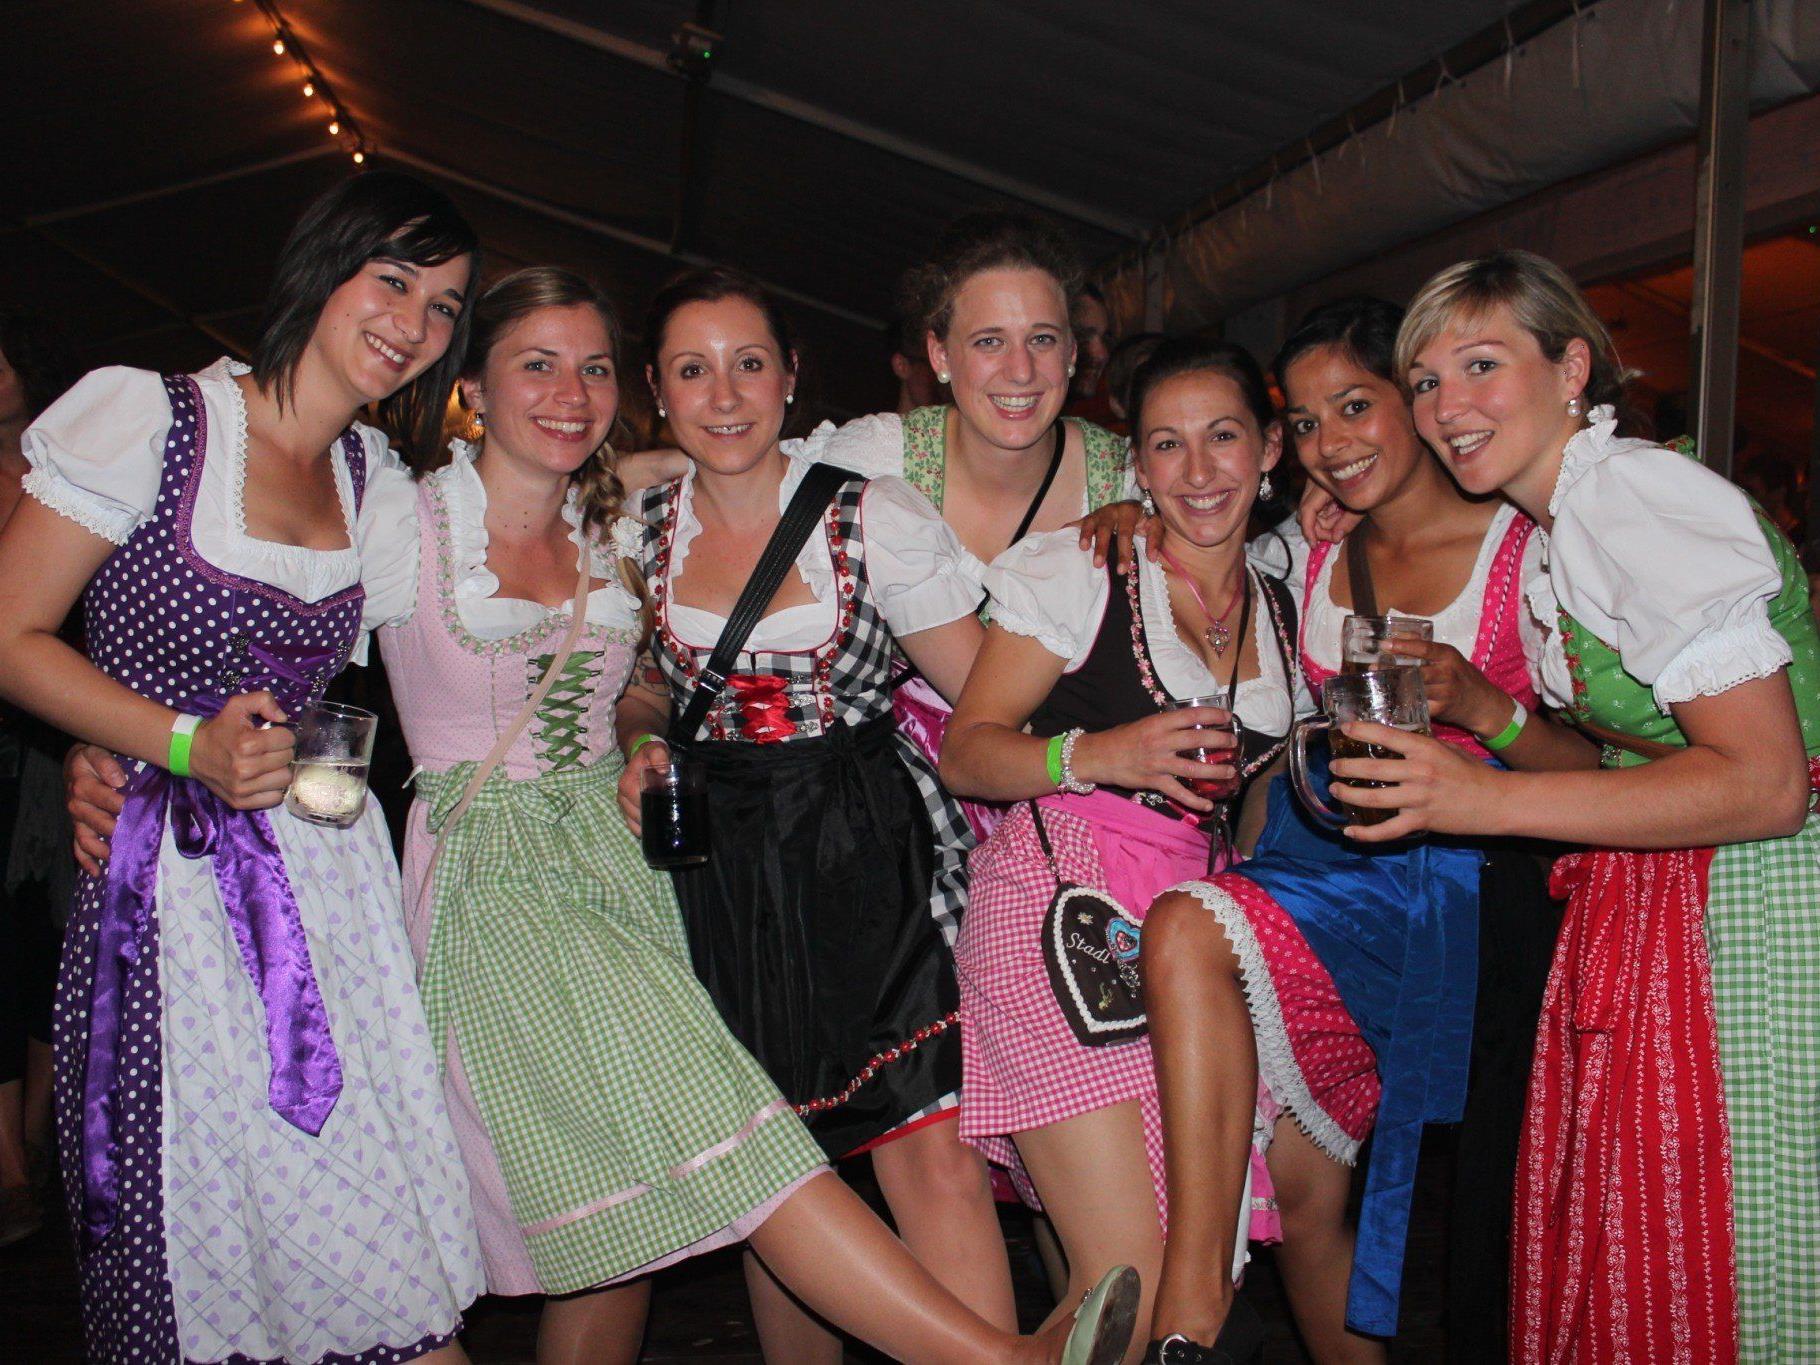 Viele Mädchen und Frauen kamen mit dem Dirndl zum Fest.